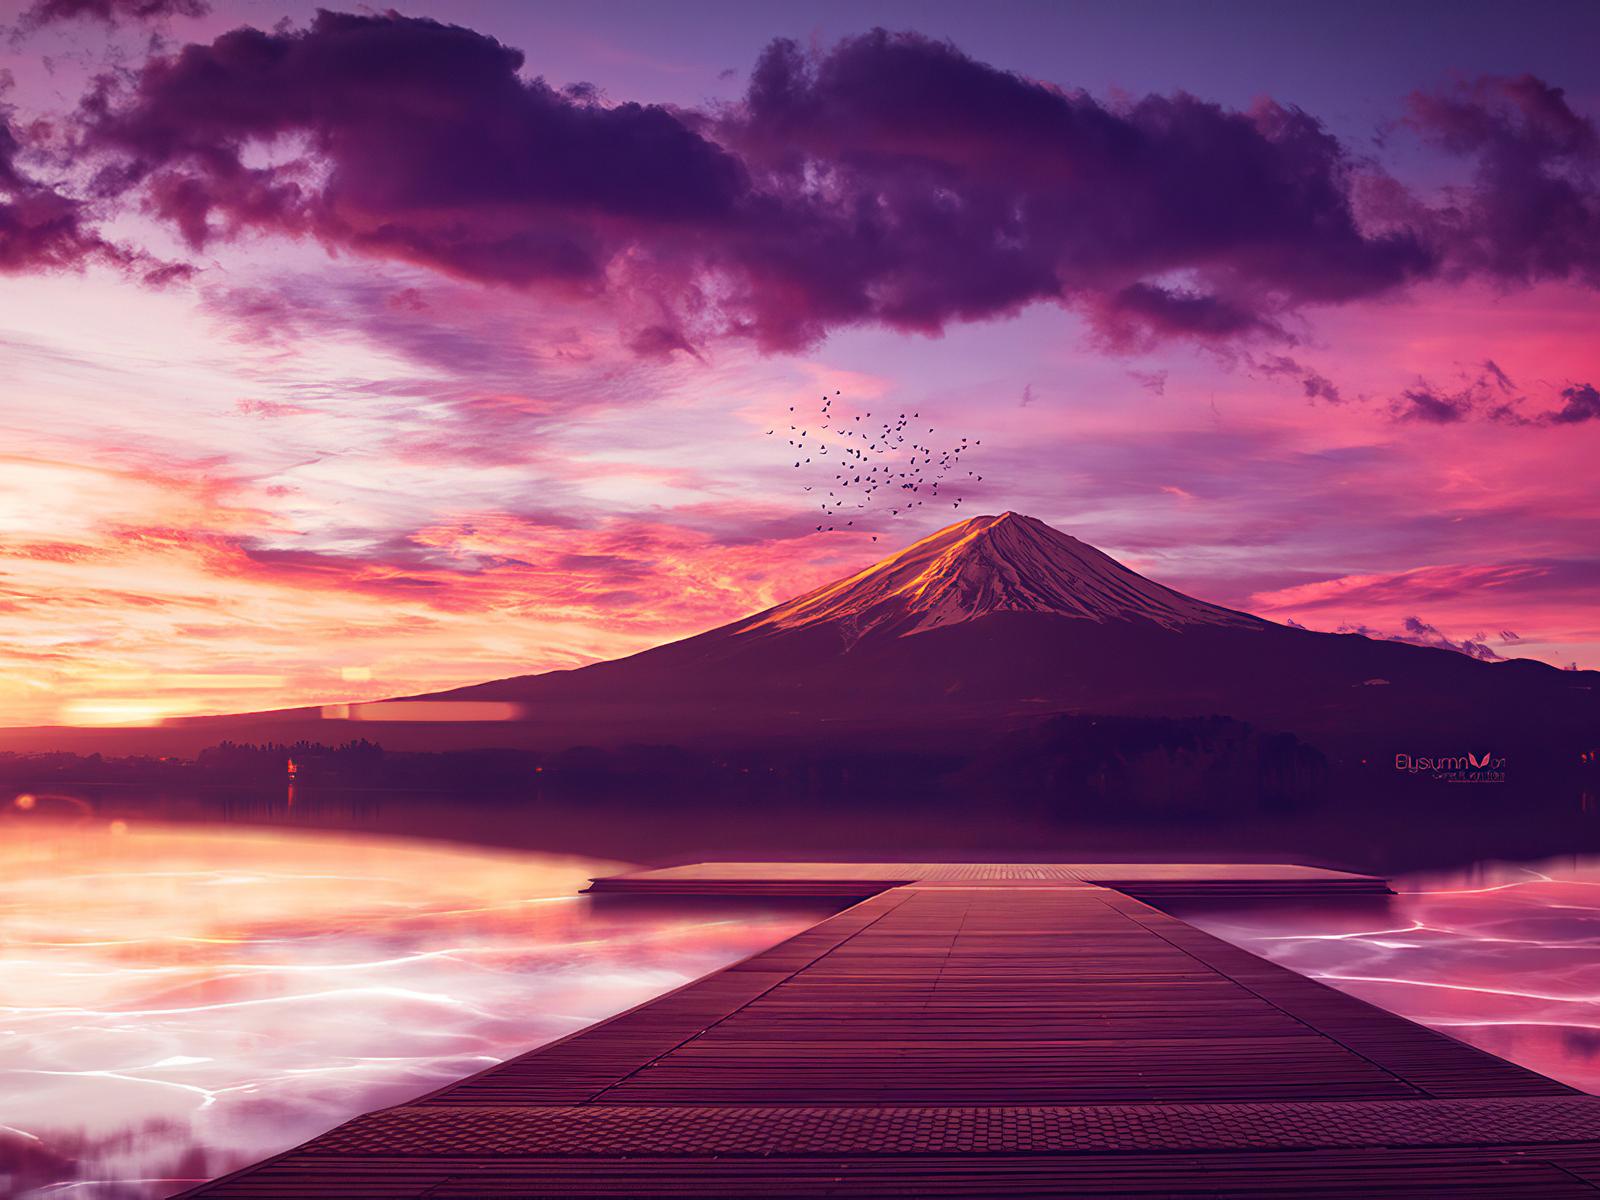 zen-moment-4k-m3.jpg